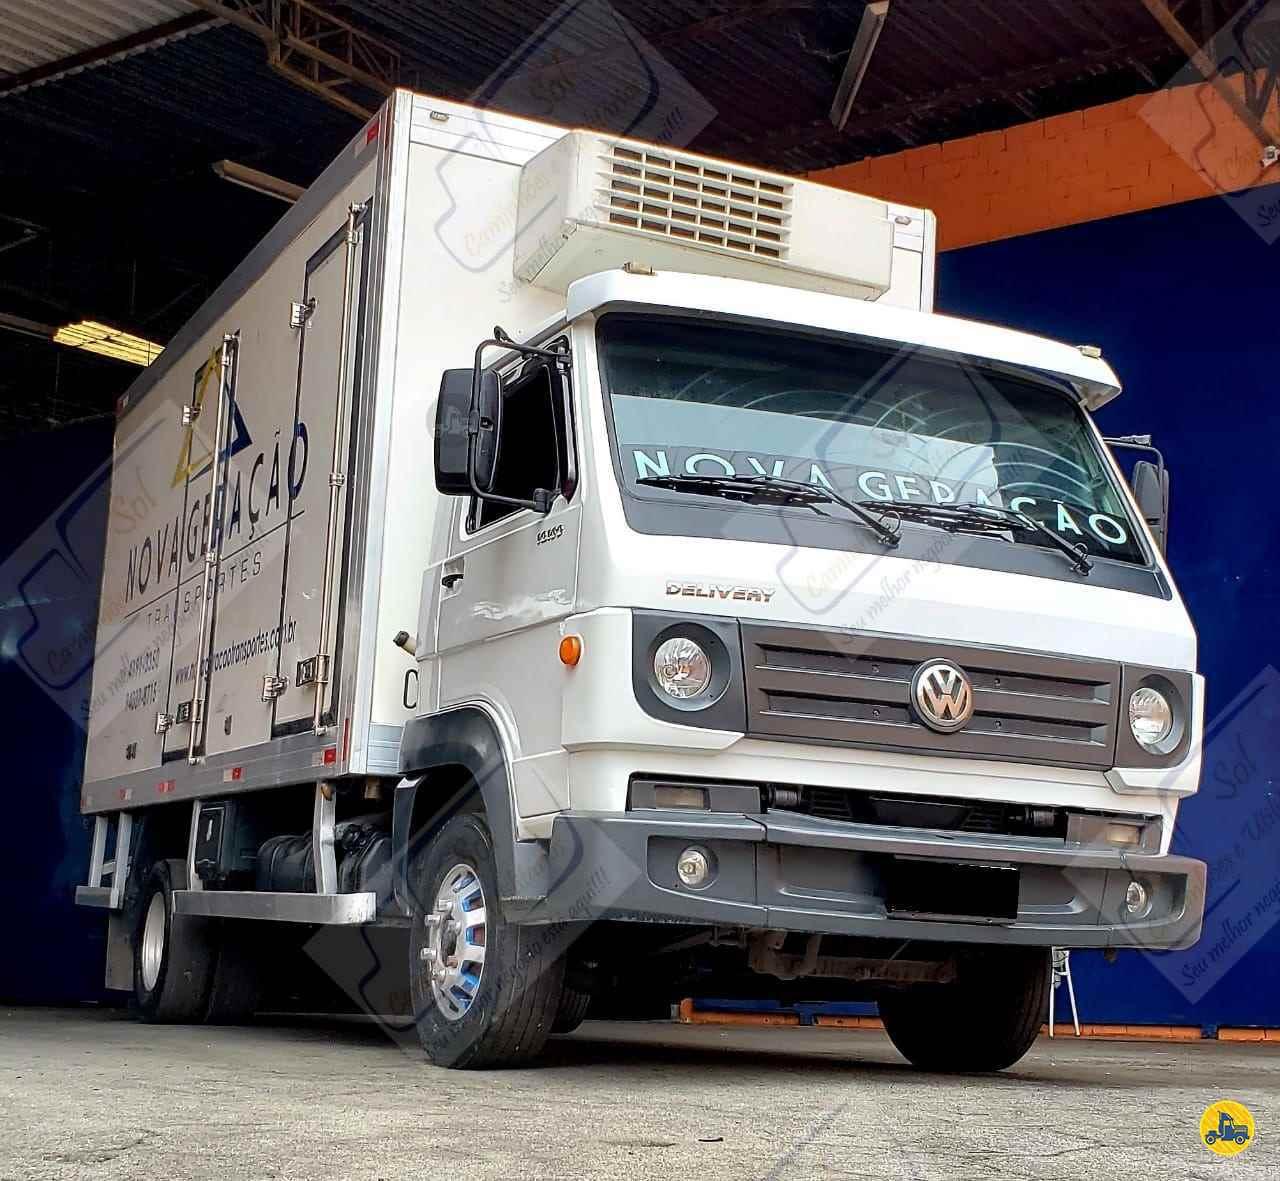 CAMINHAO VOLKSWAGEN VW 10160 Baú Frigorífico 3/4 4x2 Sol Caminhões e Utilitários SAO PAULO SÃO PAULO SP